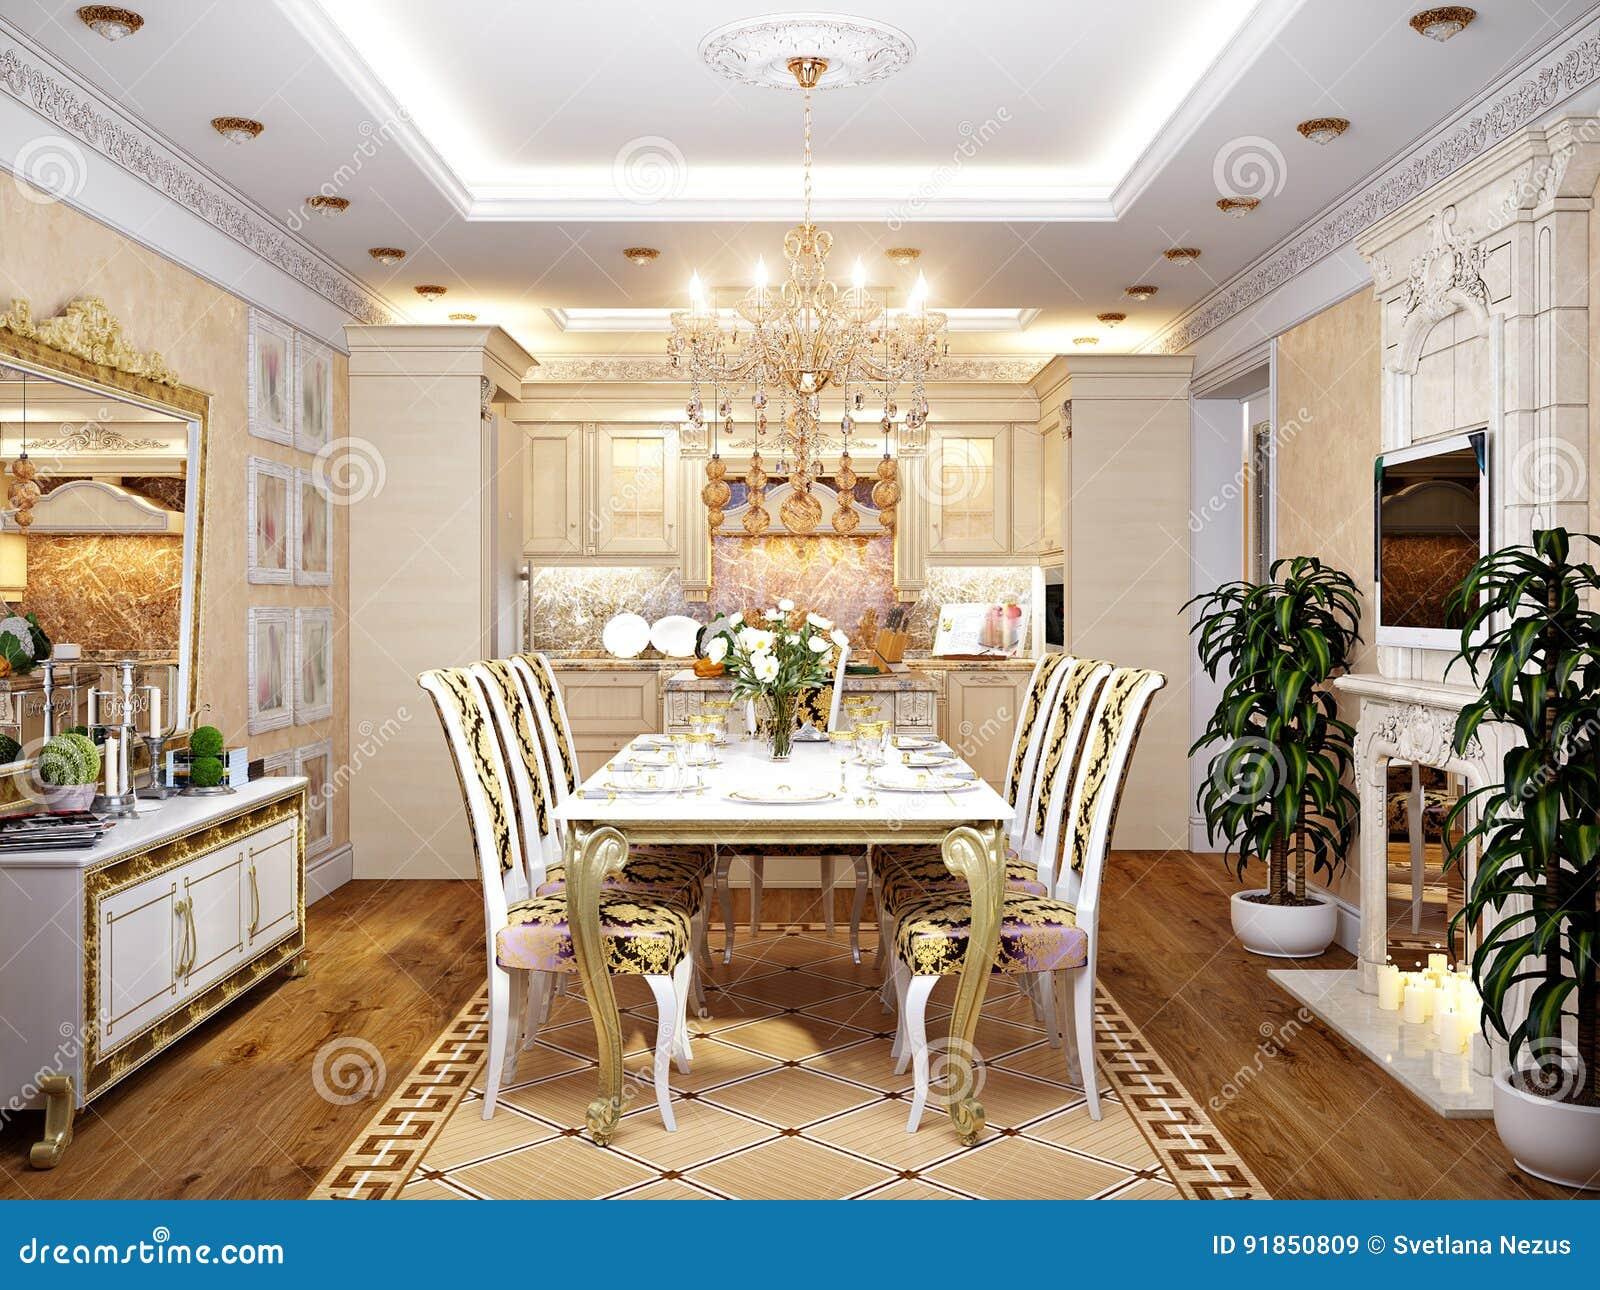 Cuisine Baroque Classique Luxueuse Et Salle A Manger